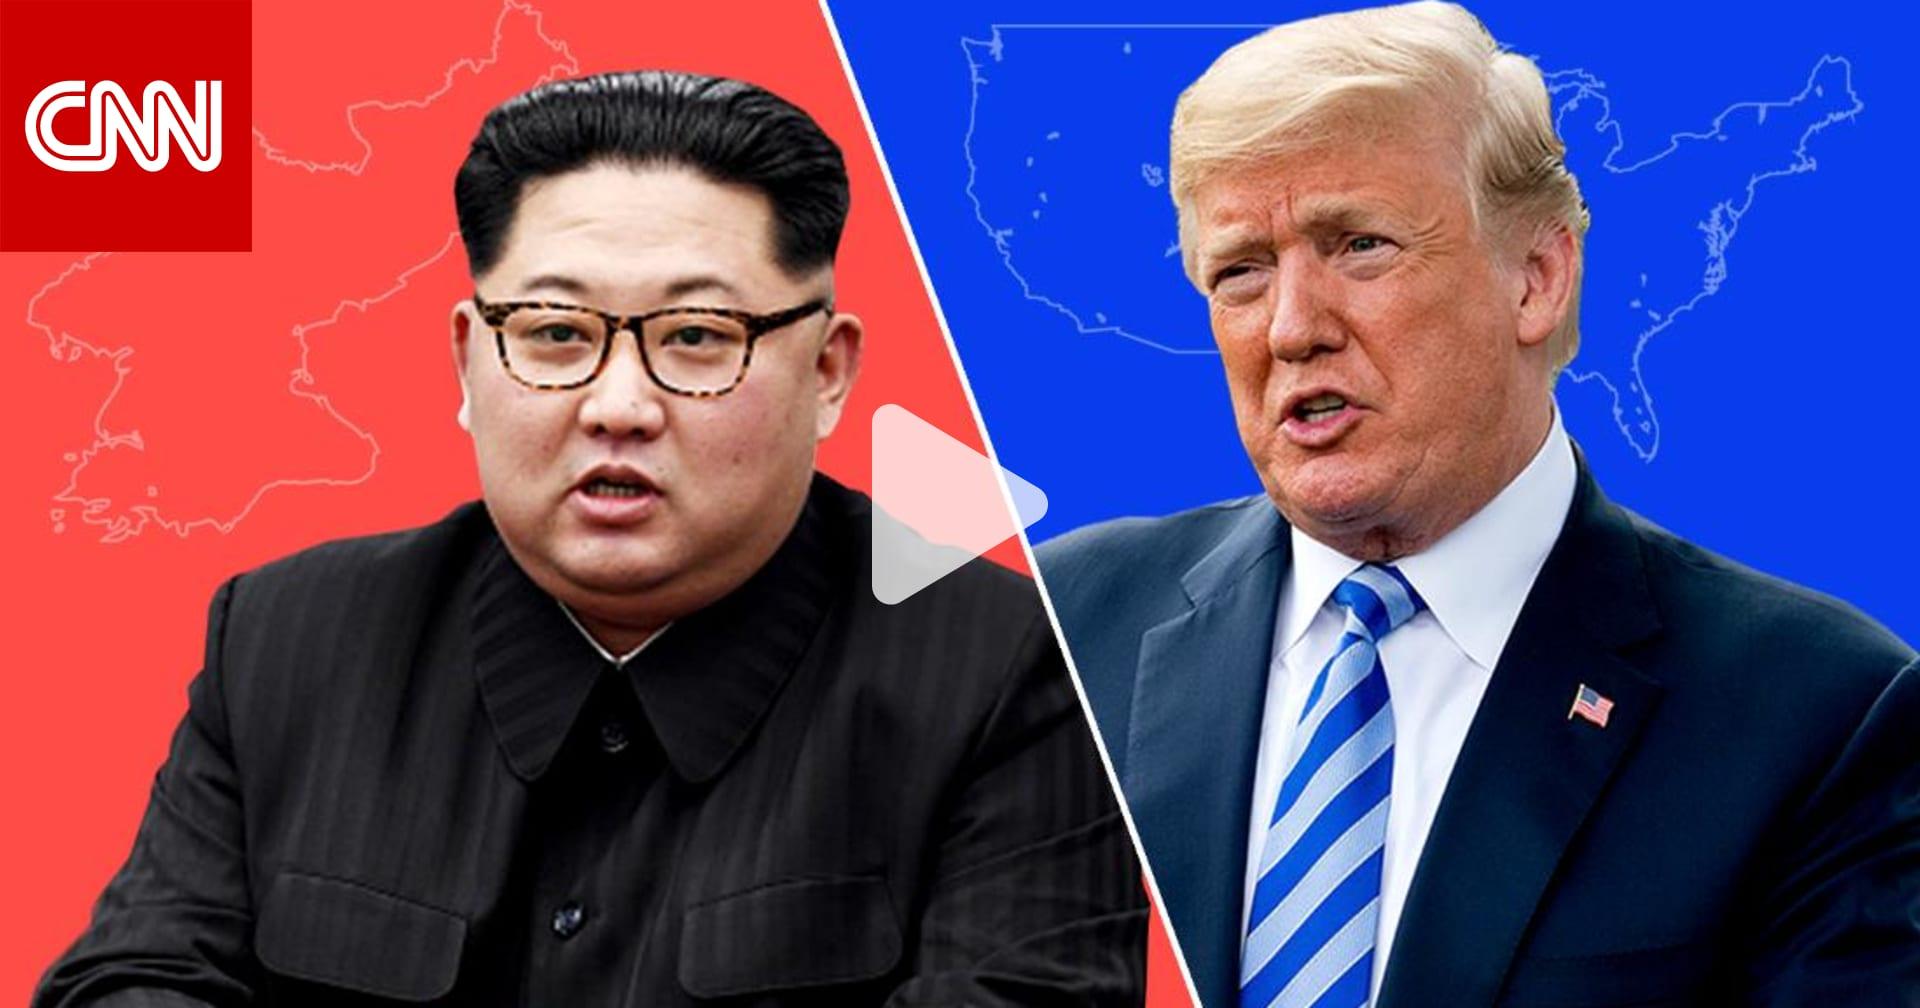 كابوس لوجستي وأمني.. ماذا عرض ترامب على زعيم كوريا الشمالية؟